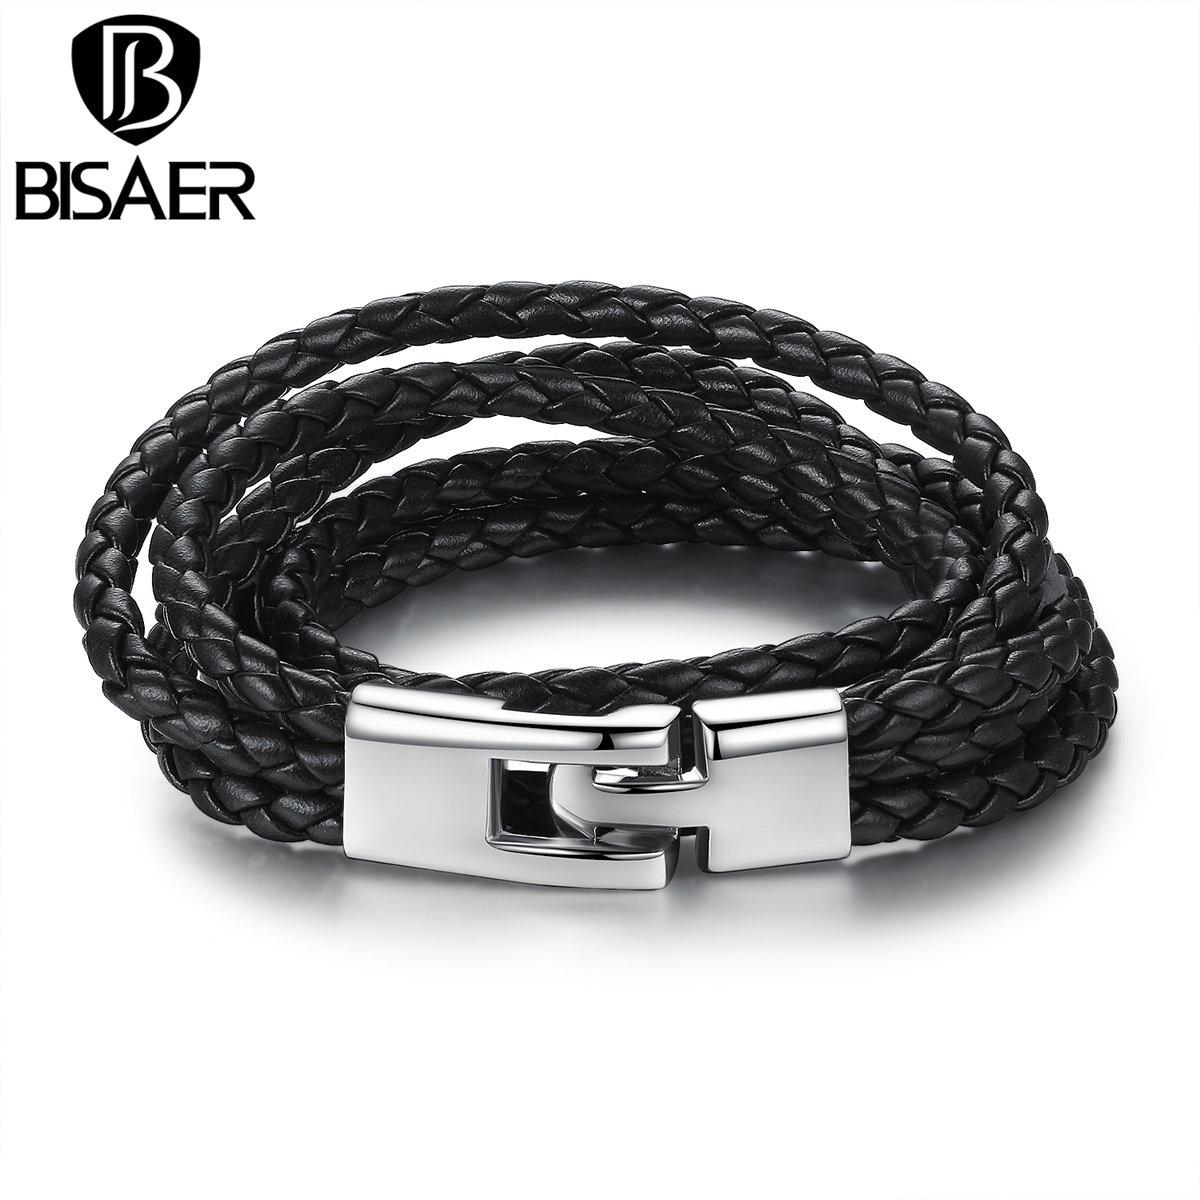 Bisaer Мода кожаный браслет широкий Ретро черный и коричневый Цвет цепи Браслеты для Для мужчин и Для женщин ювелирные браслеты WEV0288